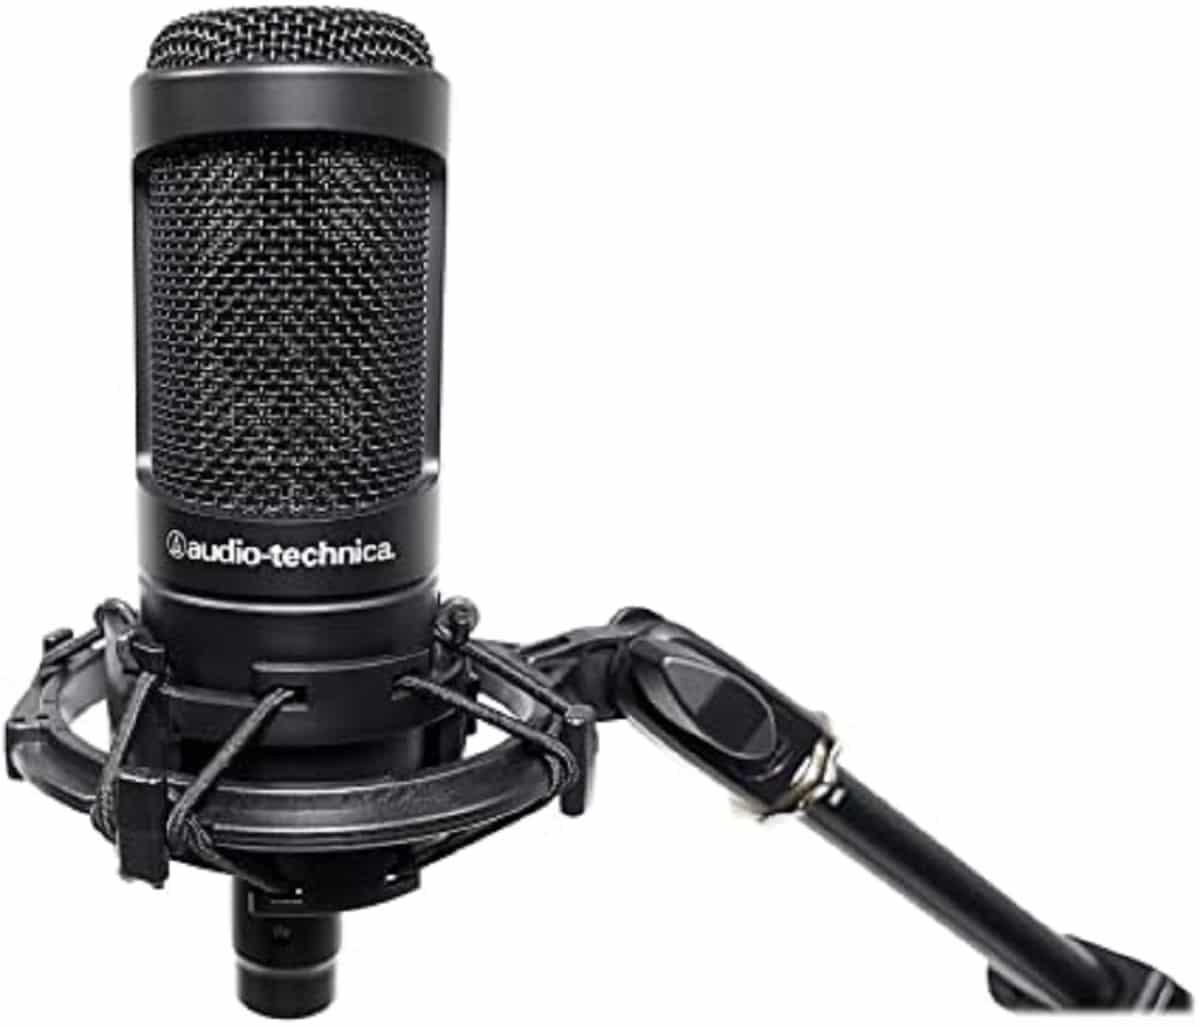 L'Audio-Technica AT2050 peut capturer des ondes en mode cardio.